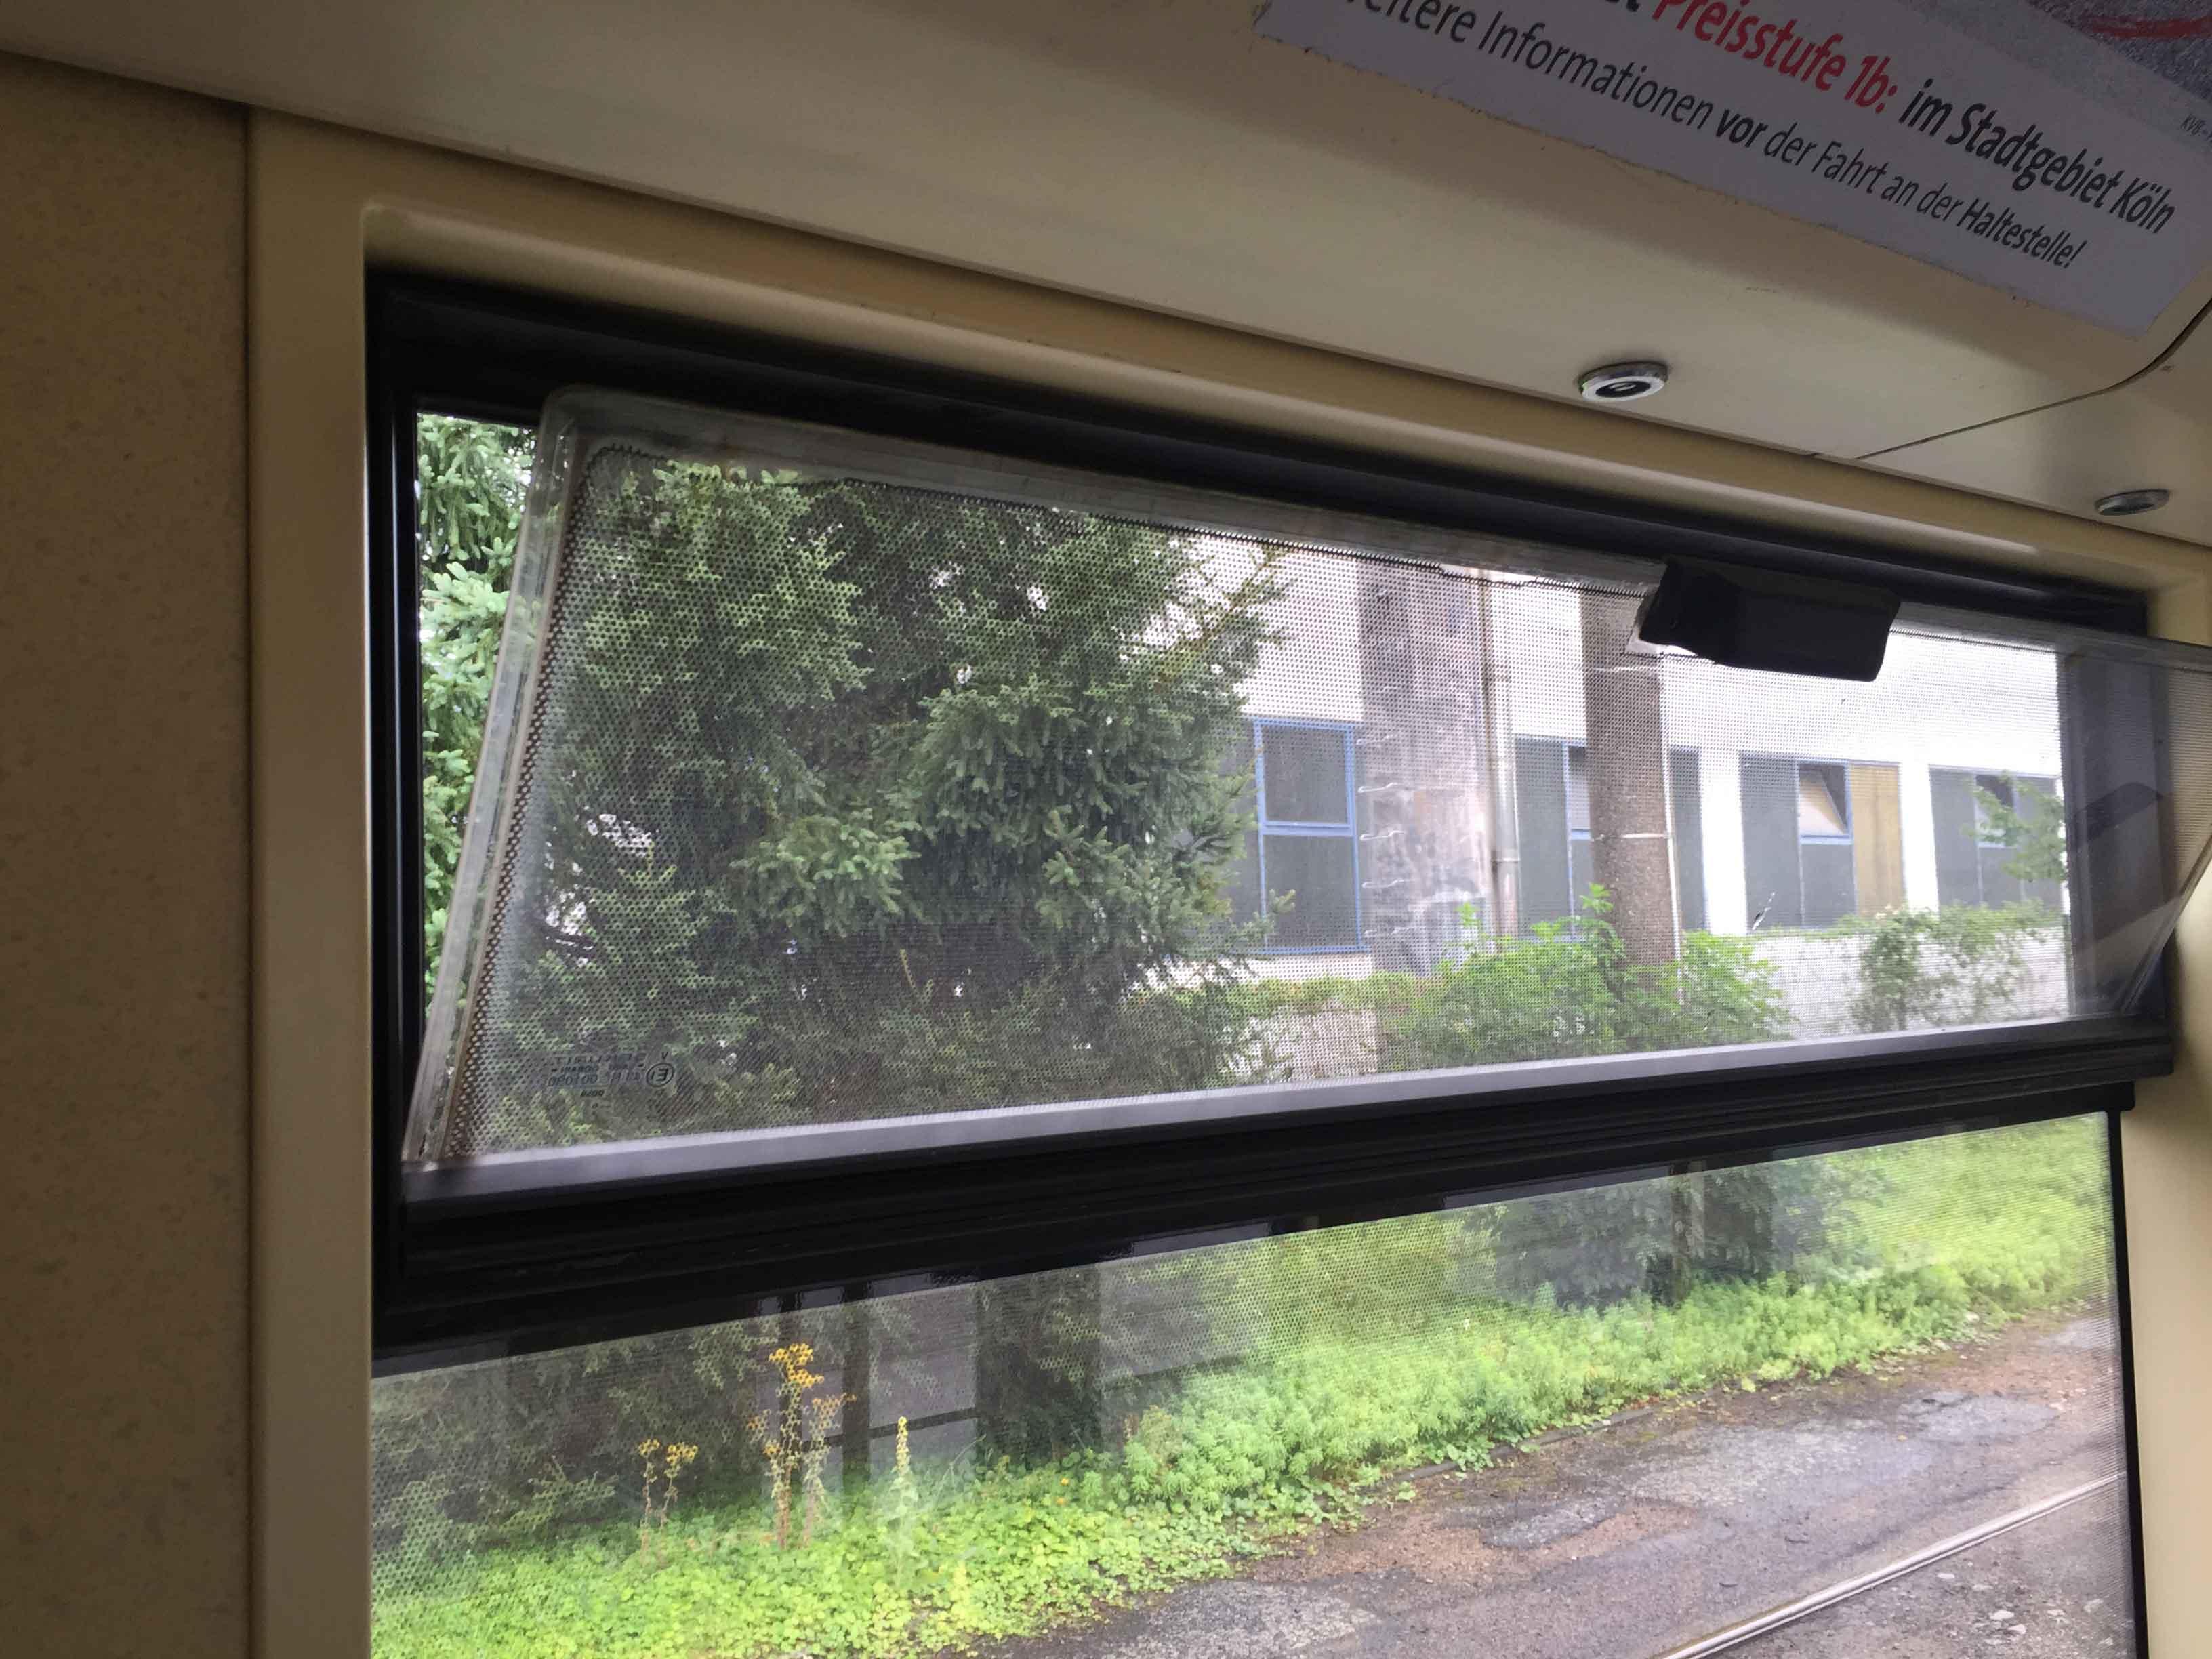 Ganz herkömmlich Fenster öffnen, wenn keine Temperierungsanlage vorhanden ist.